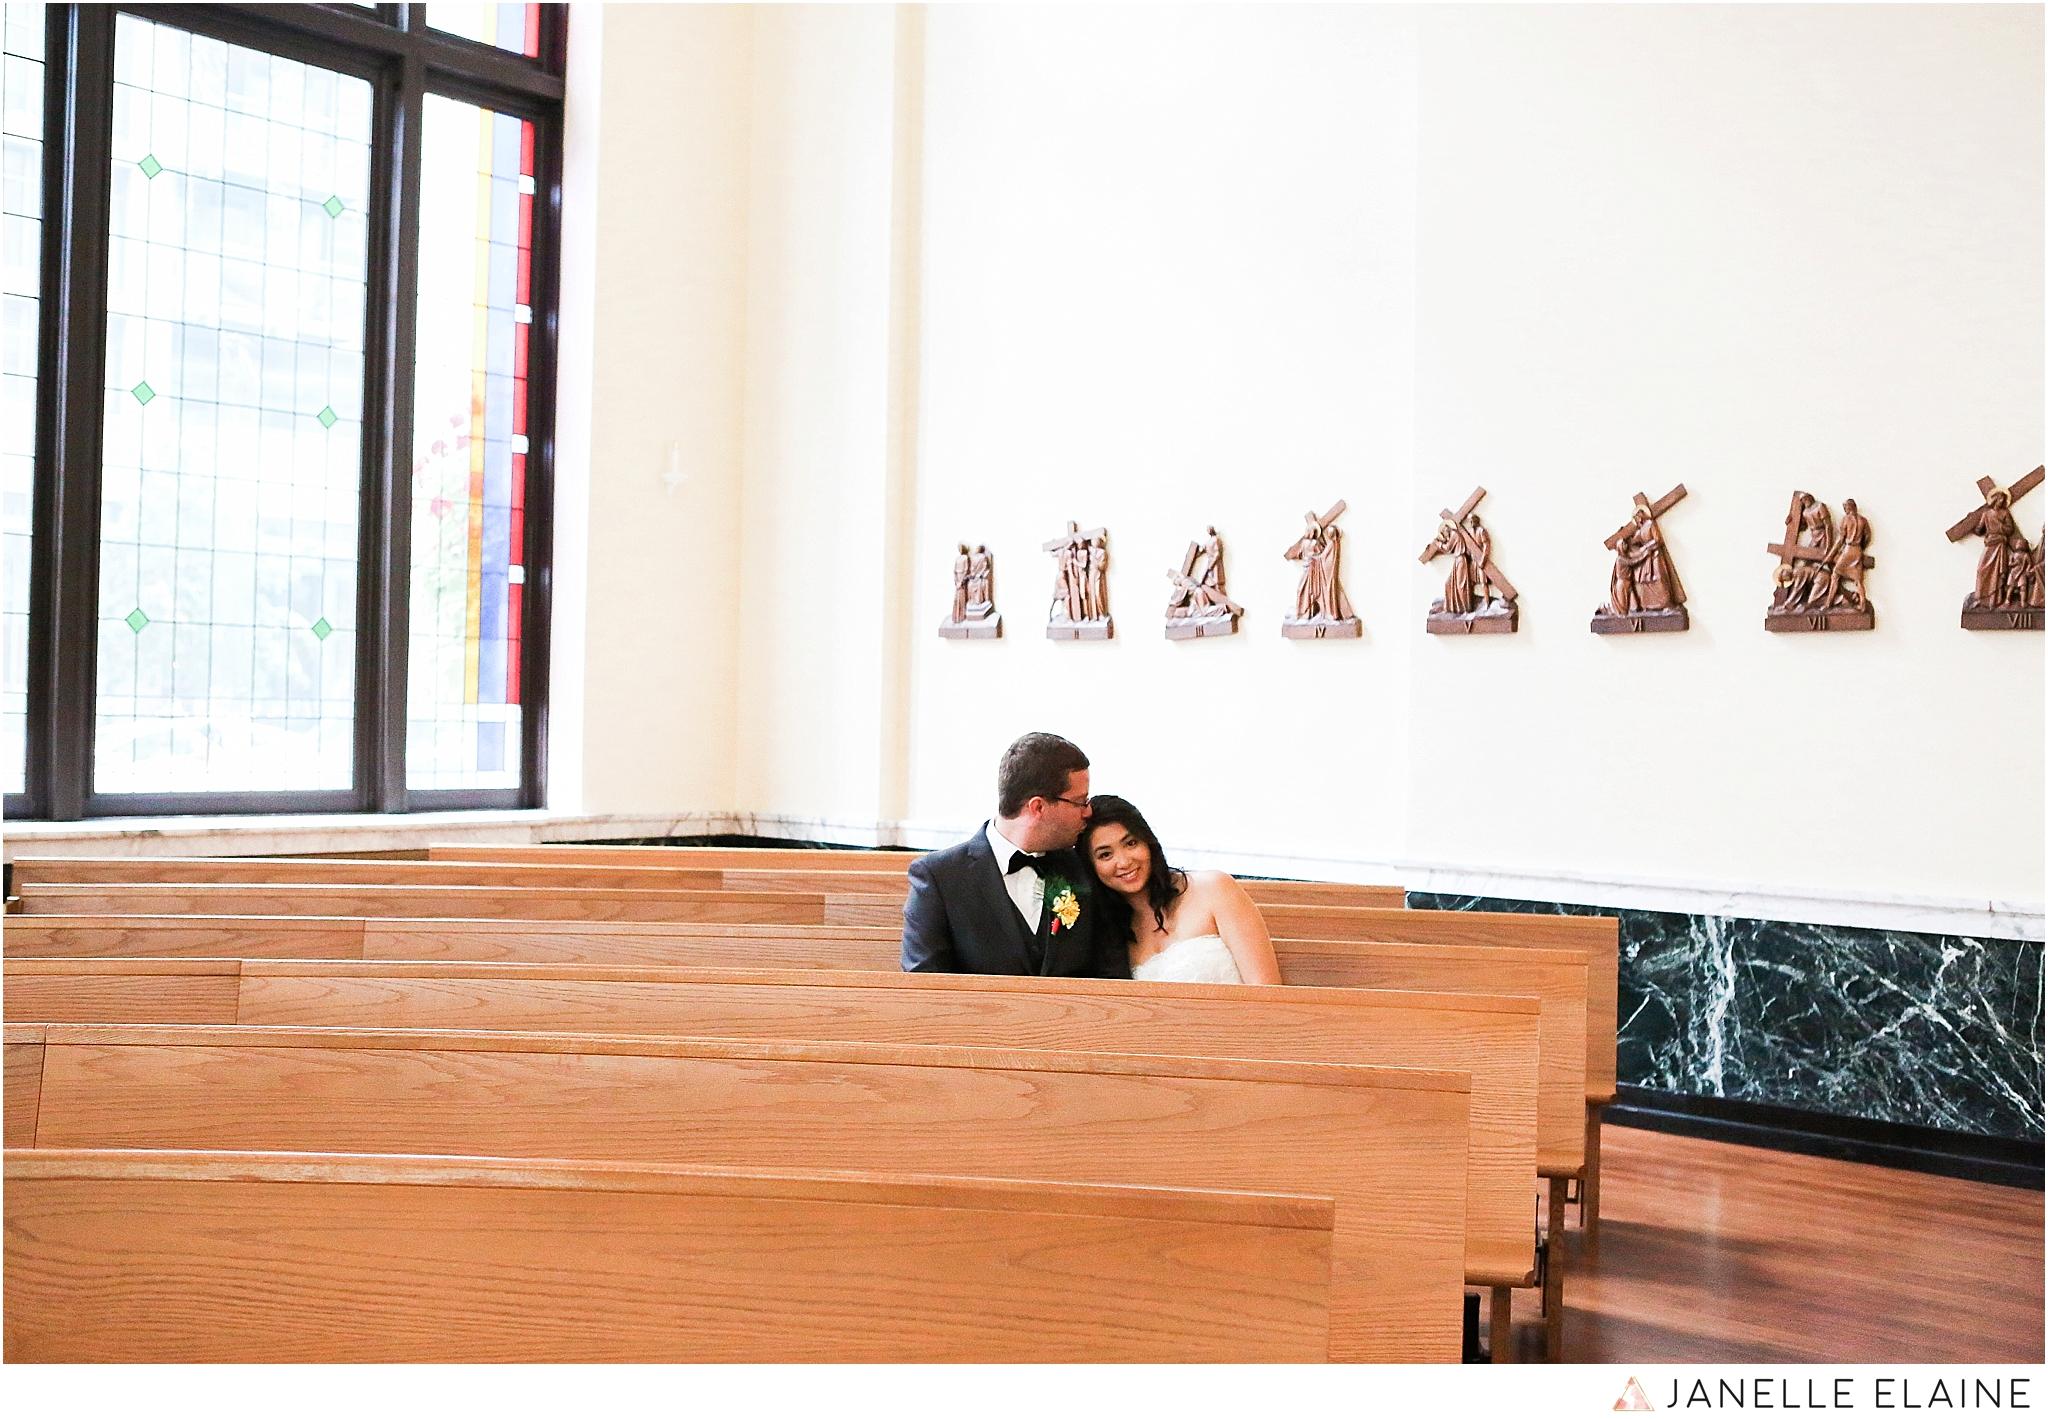 janelle elaine photography-professional wedding photographer seattle--62.jpg